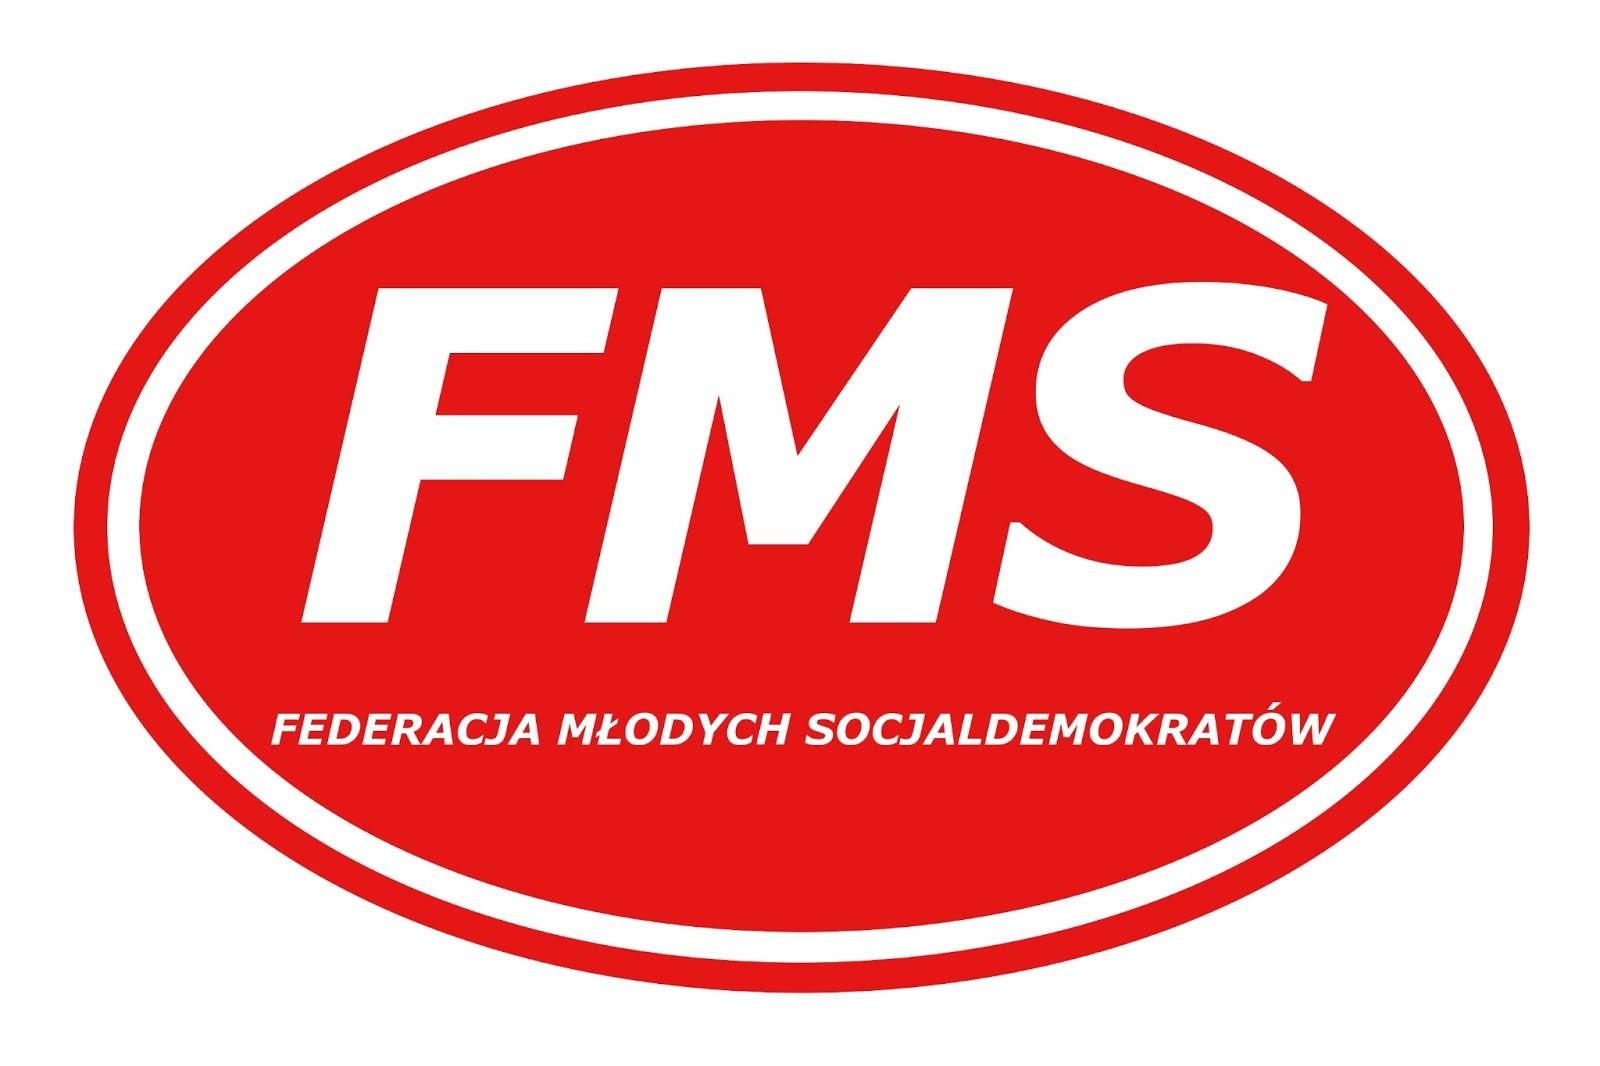 federacja-mlodych-socjodemokratow